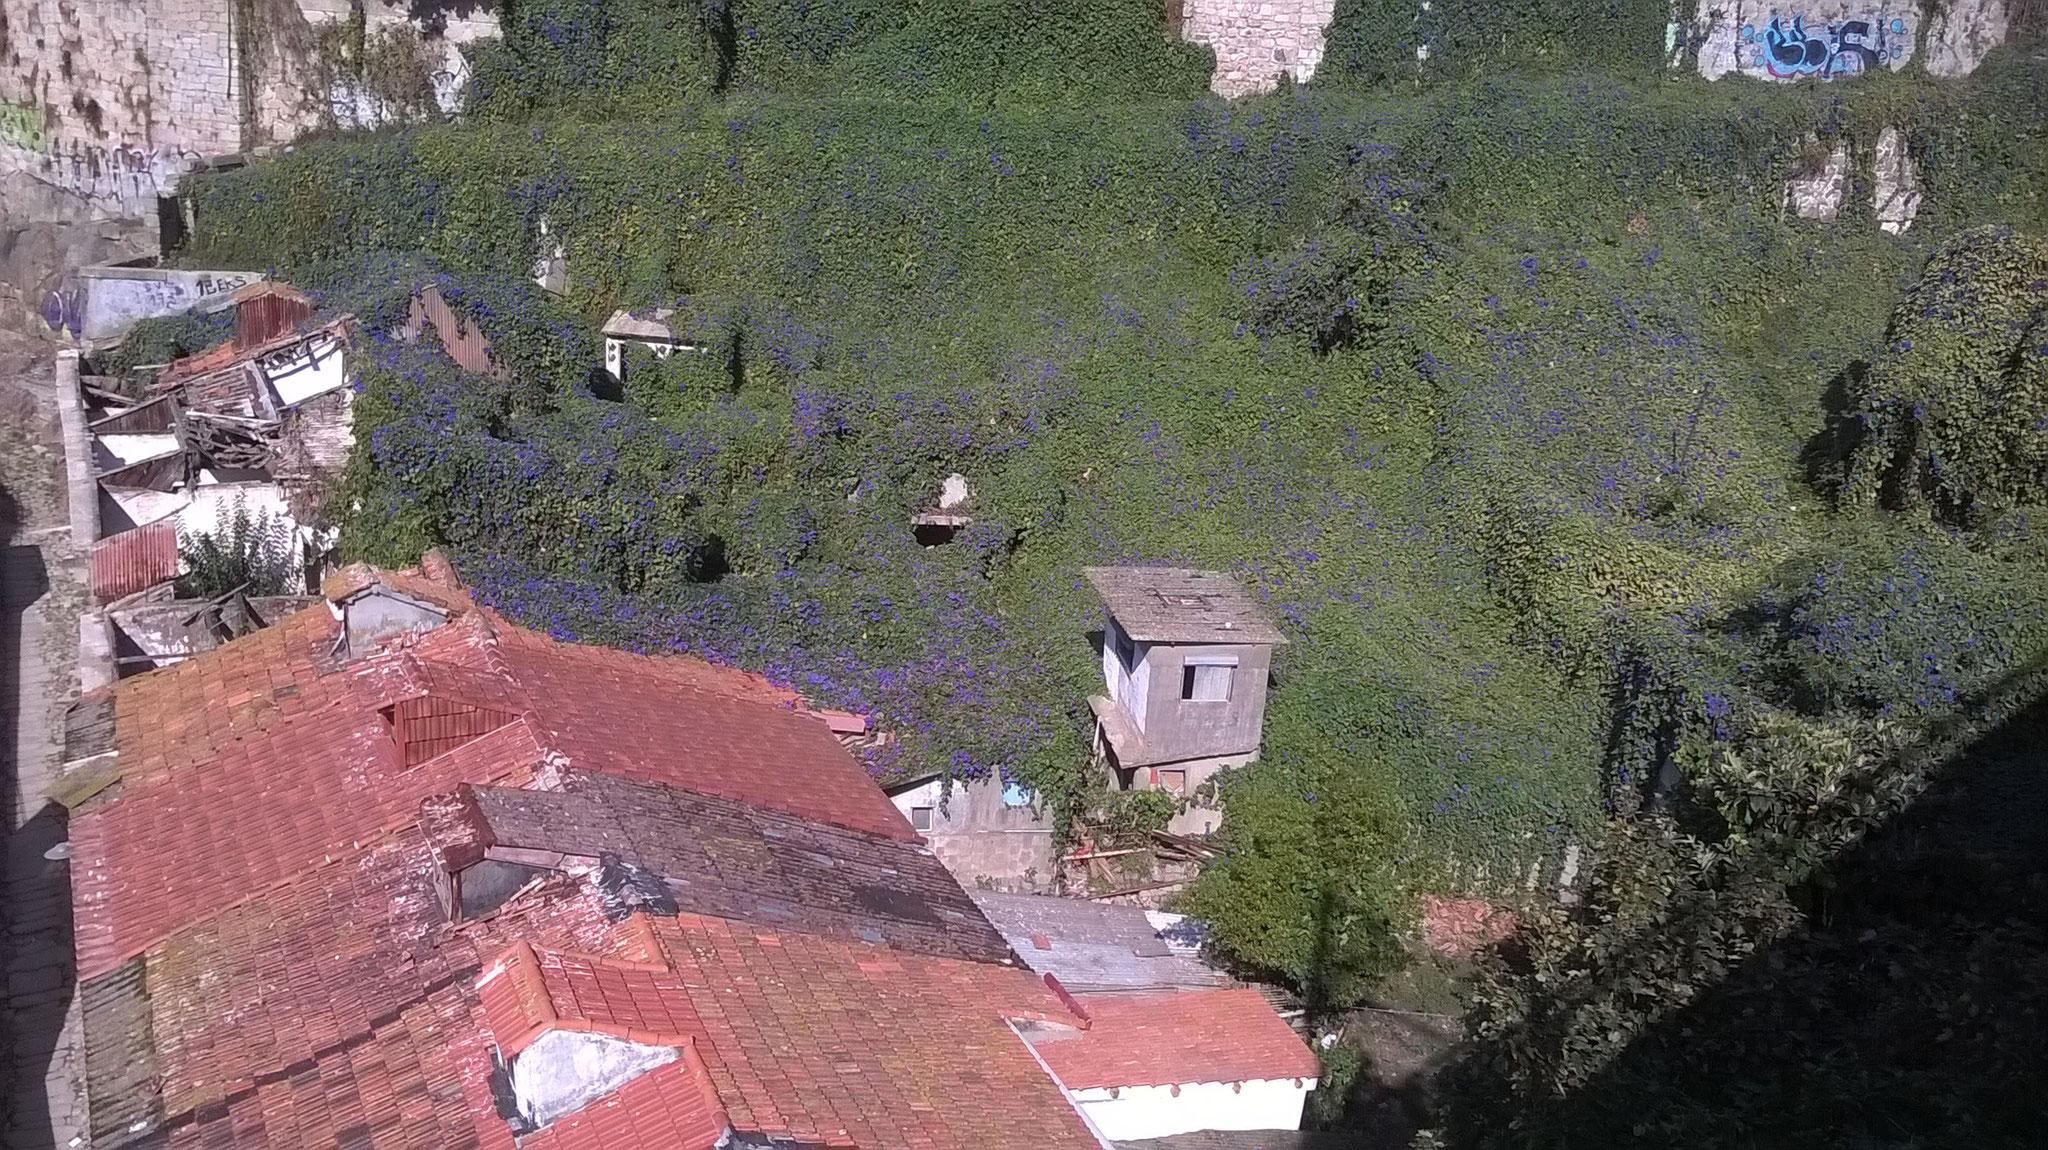 Man läuft in Porto an vielen heruntergekommenen Gebäuden vorbei und wundert sich teilweise, dass dort noch Leute drin leben. Und auf diesen 2 Fotos, sieht man faszinierende Stellen, wo die Natur sich ganze Häuser zurückerobert hat.